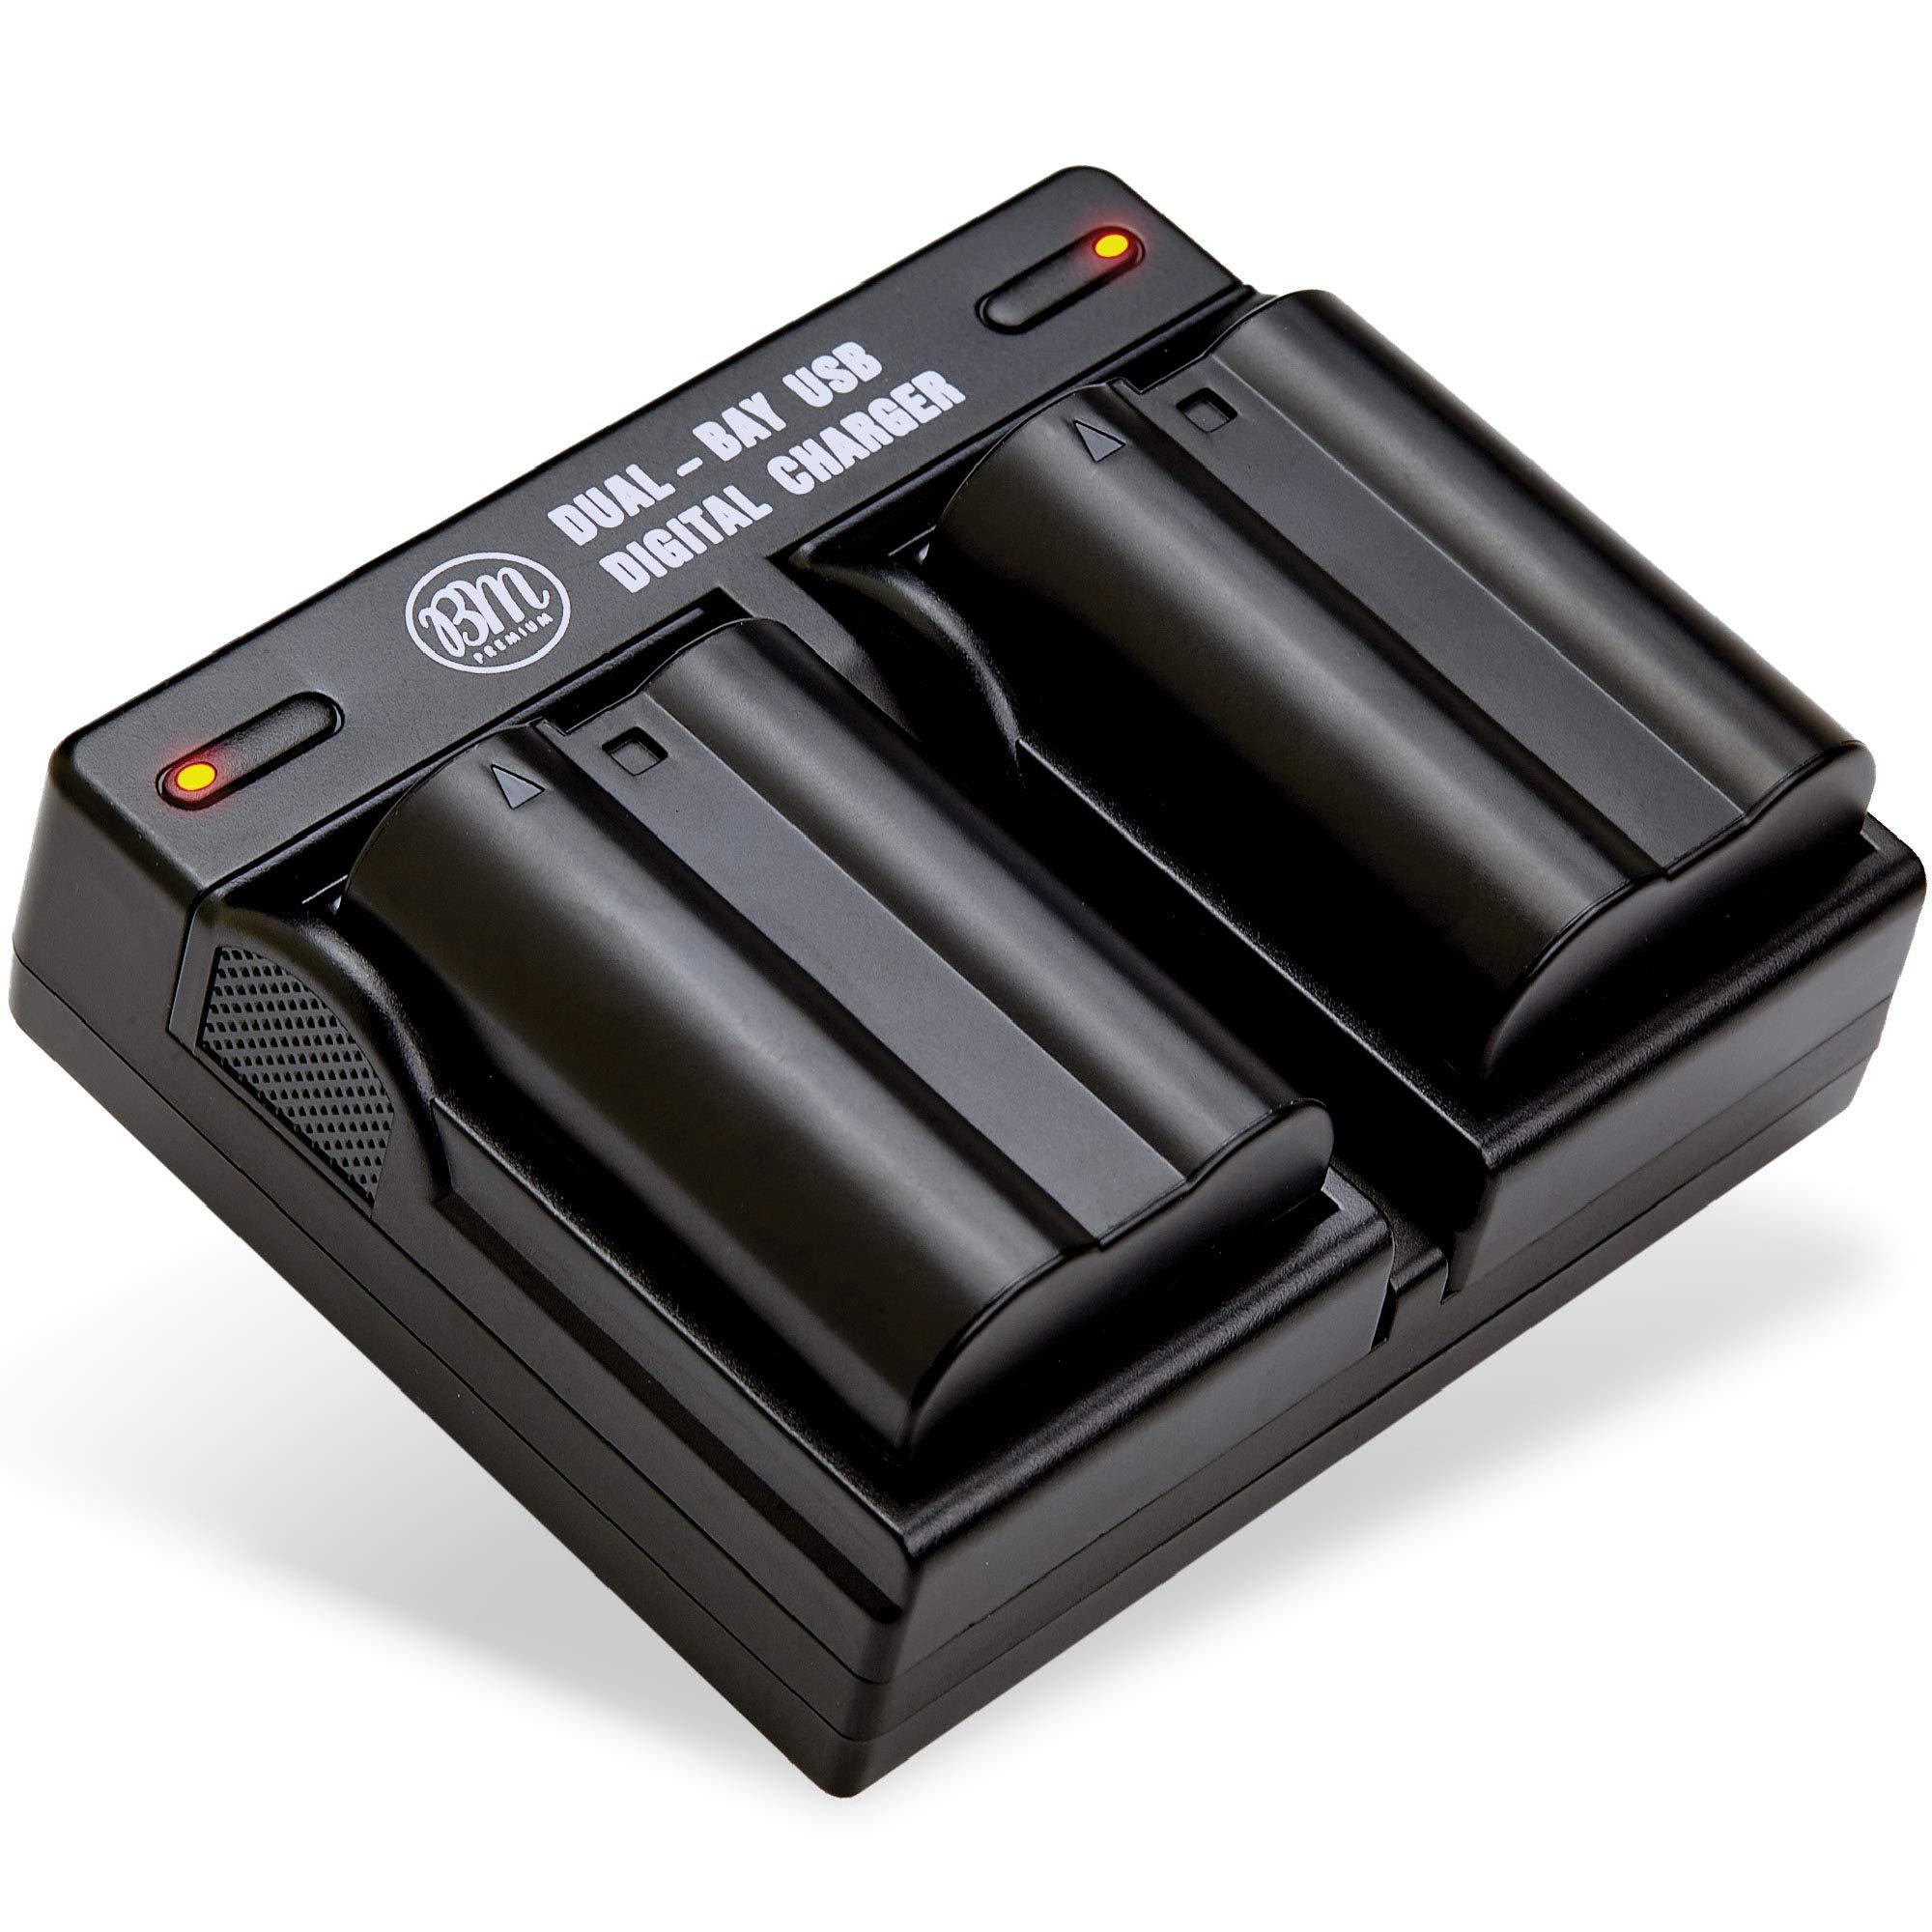 BM Premium 2 Pack of EN-EL15B Batteries and Dual Battery Charger for Nikon Z6, Z7, D850, D7500, 1 V1, D500, D600, D610, D750, D800, D800E, D810, D810A, D7000, D7100, D7200 Digital Cameras by BM Premium